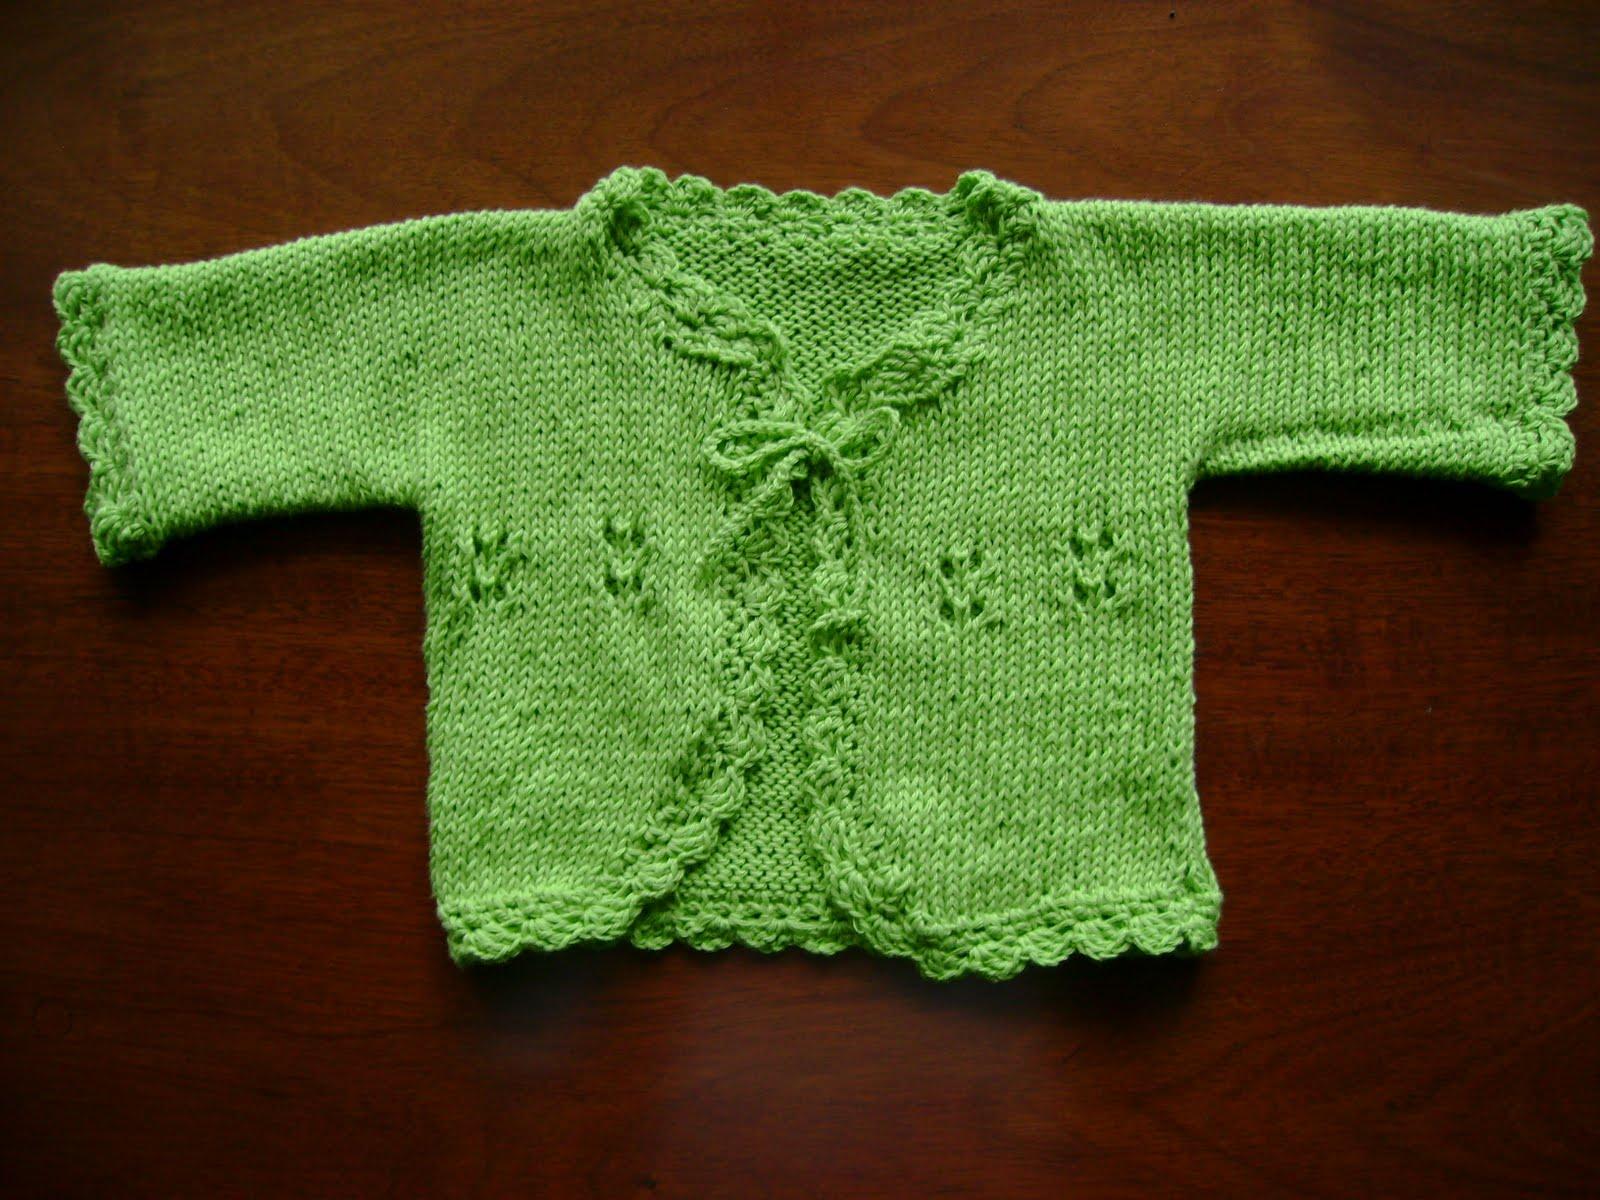 ... limón tejido con orilla de crochet tiene forma de torerita pero no